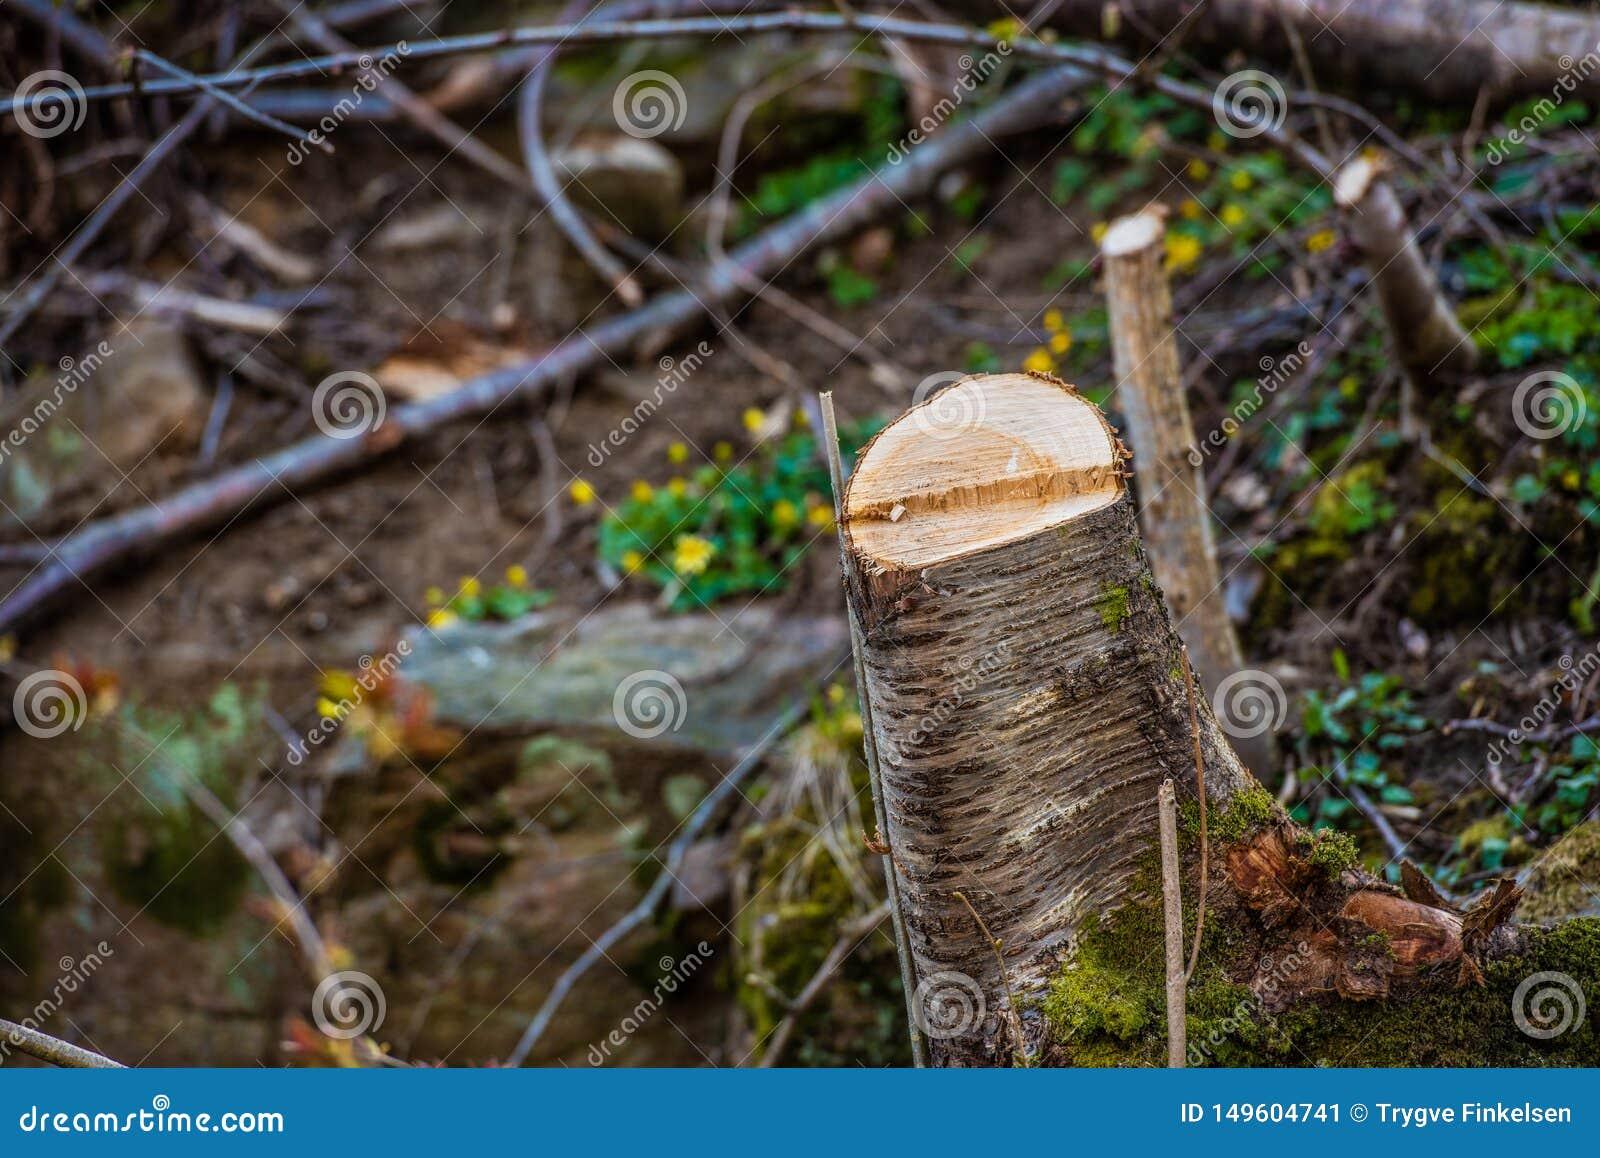 Baumstummel in einem Wald, der geklärt worden ist